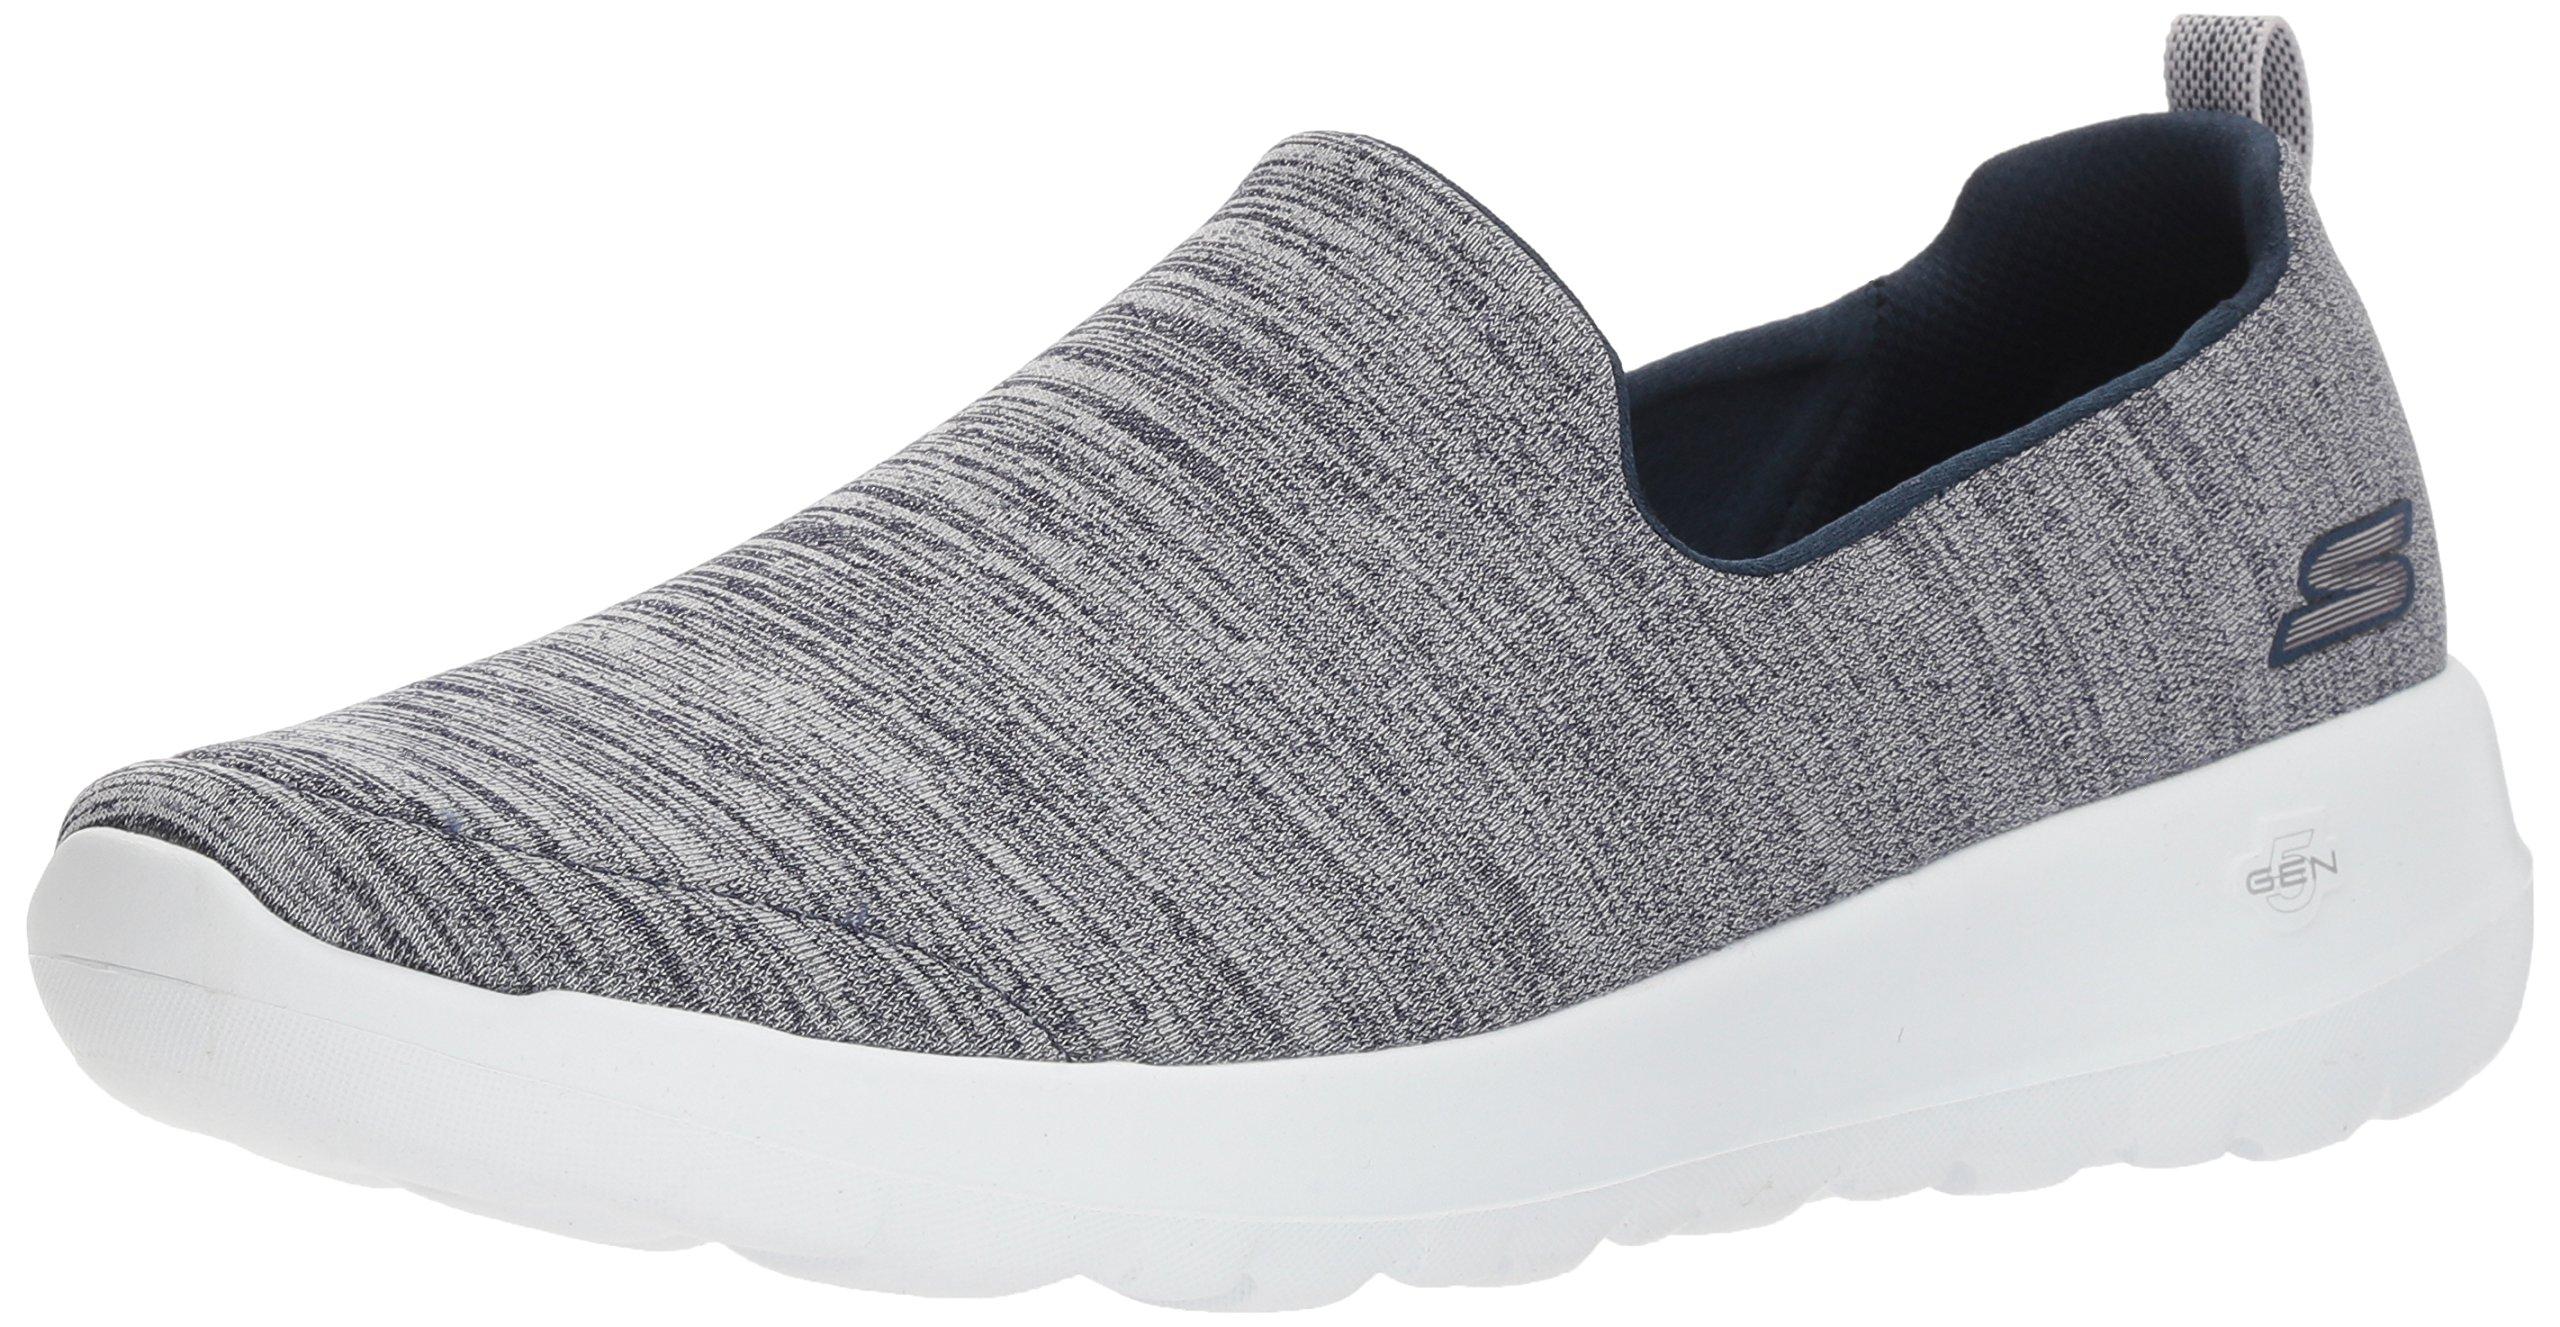 Skechers Women's Go Walk Joy-15611 Sneaker, Navy/White, 7 M US